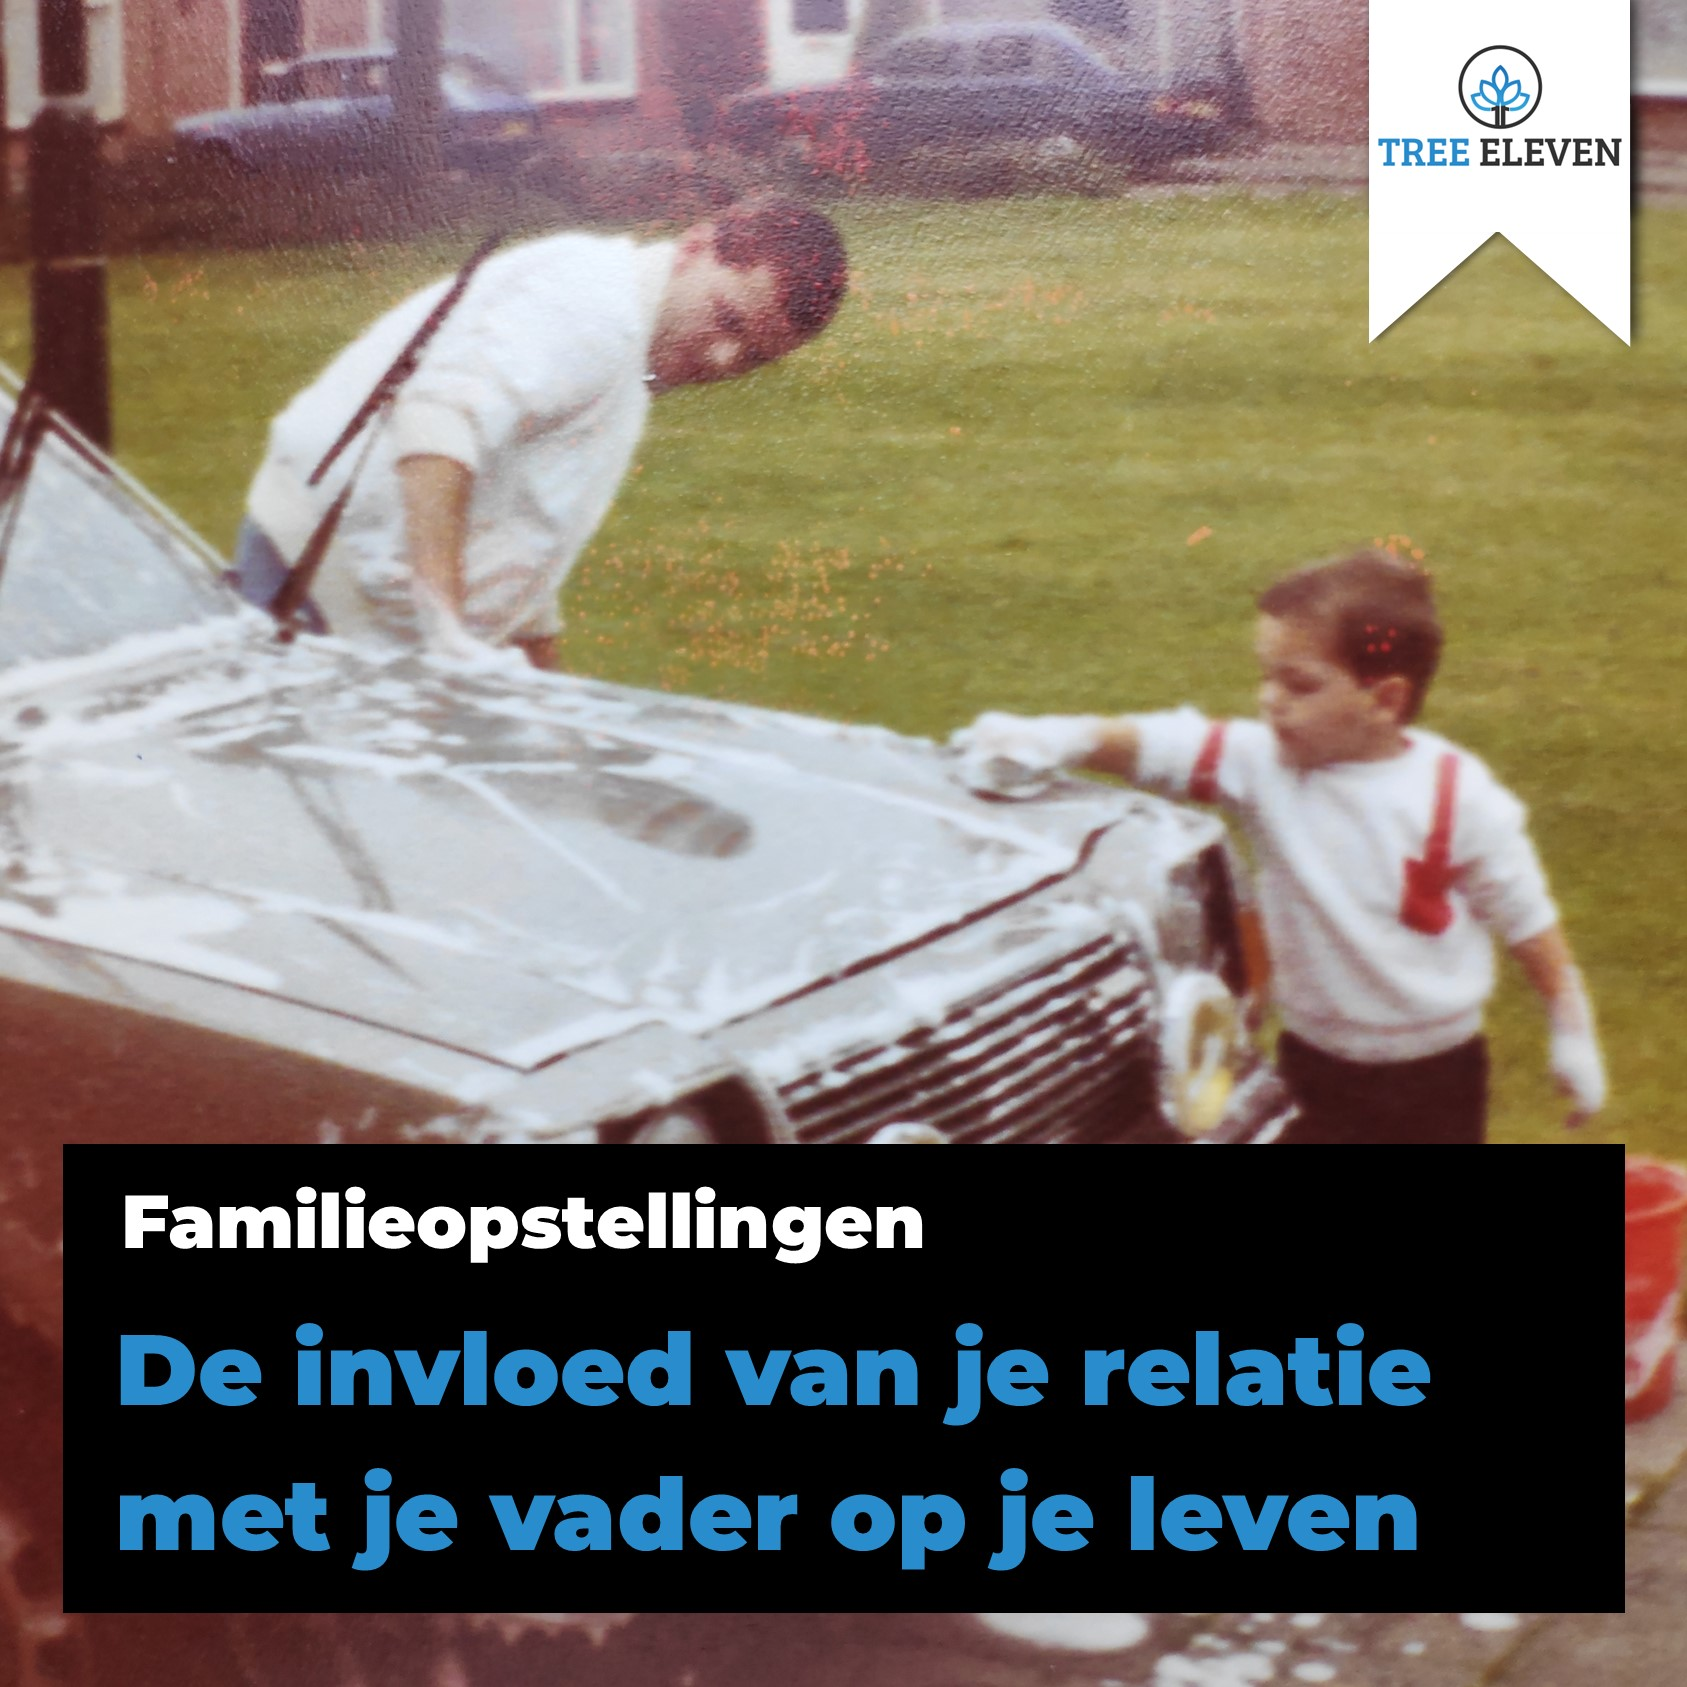 De relatie met je vader - familieopstellingen